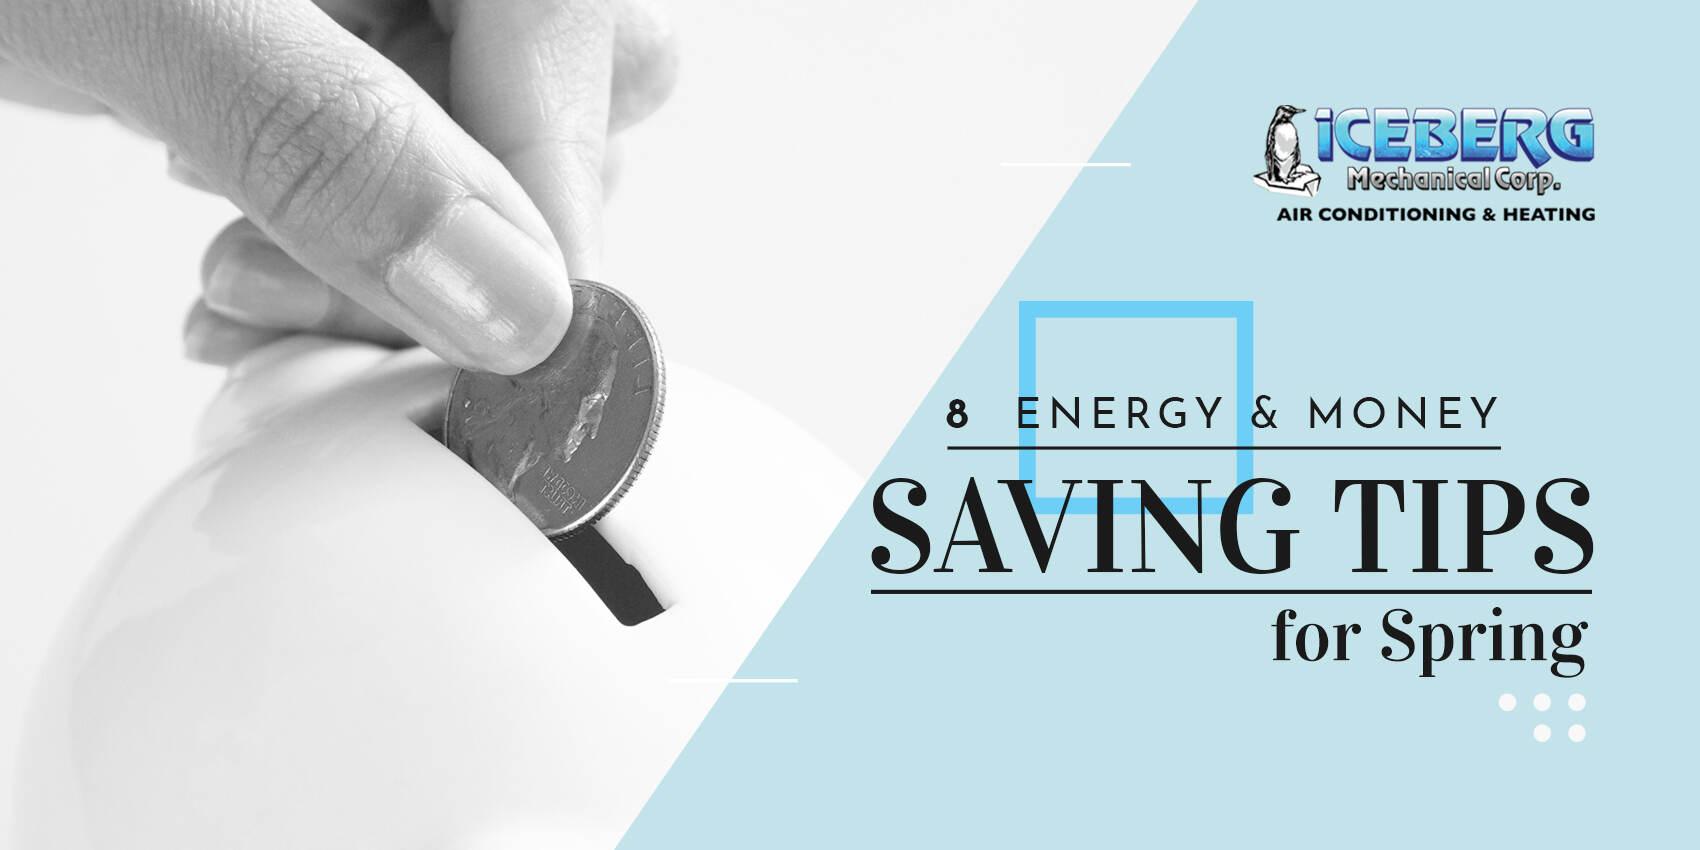 8 Energy & Money Saving Tips for Spring